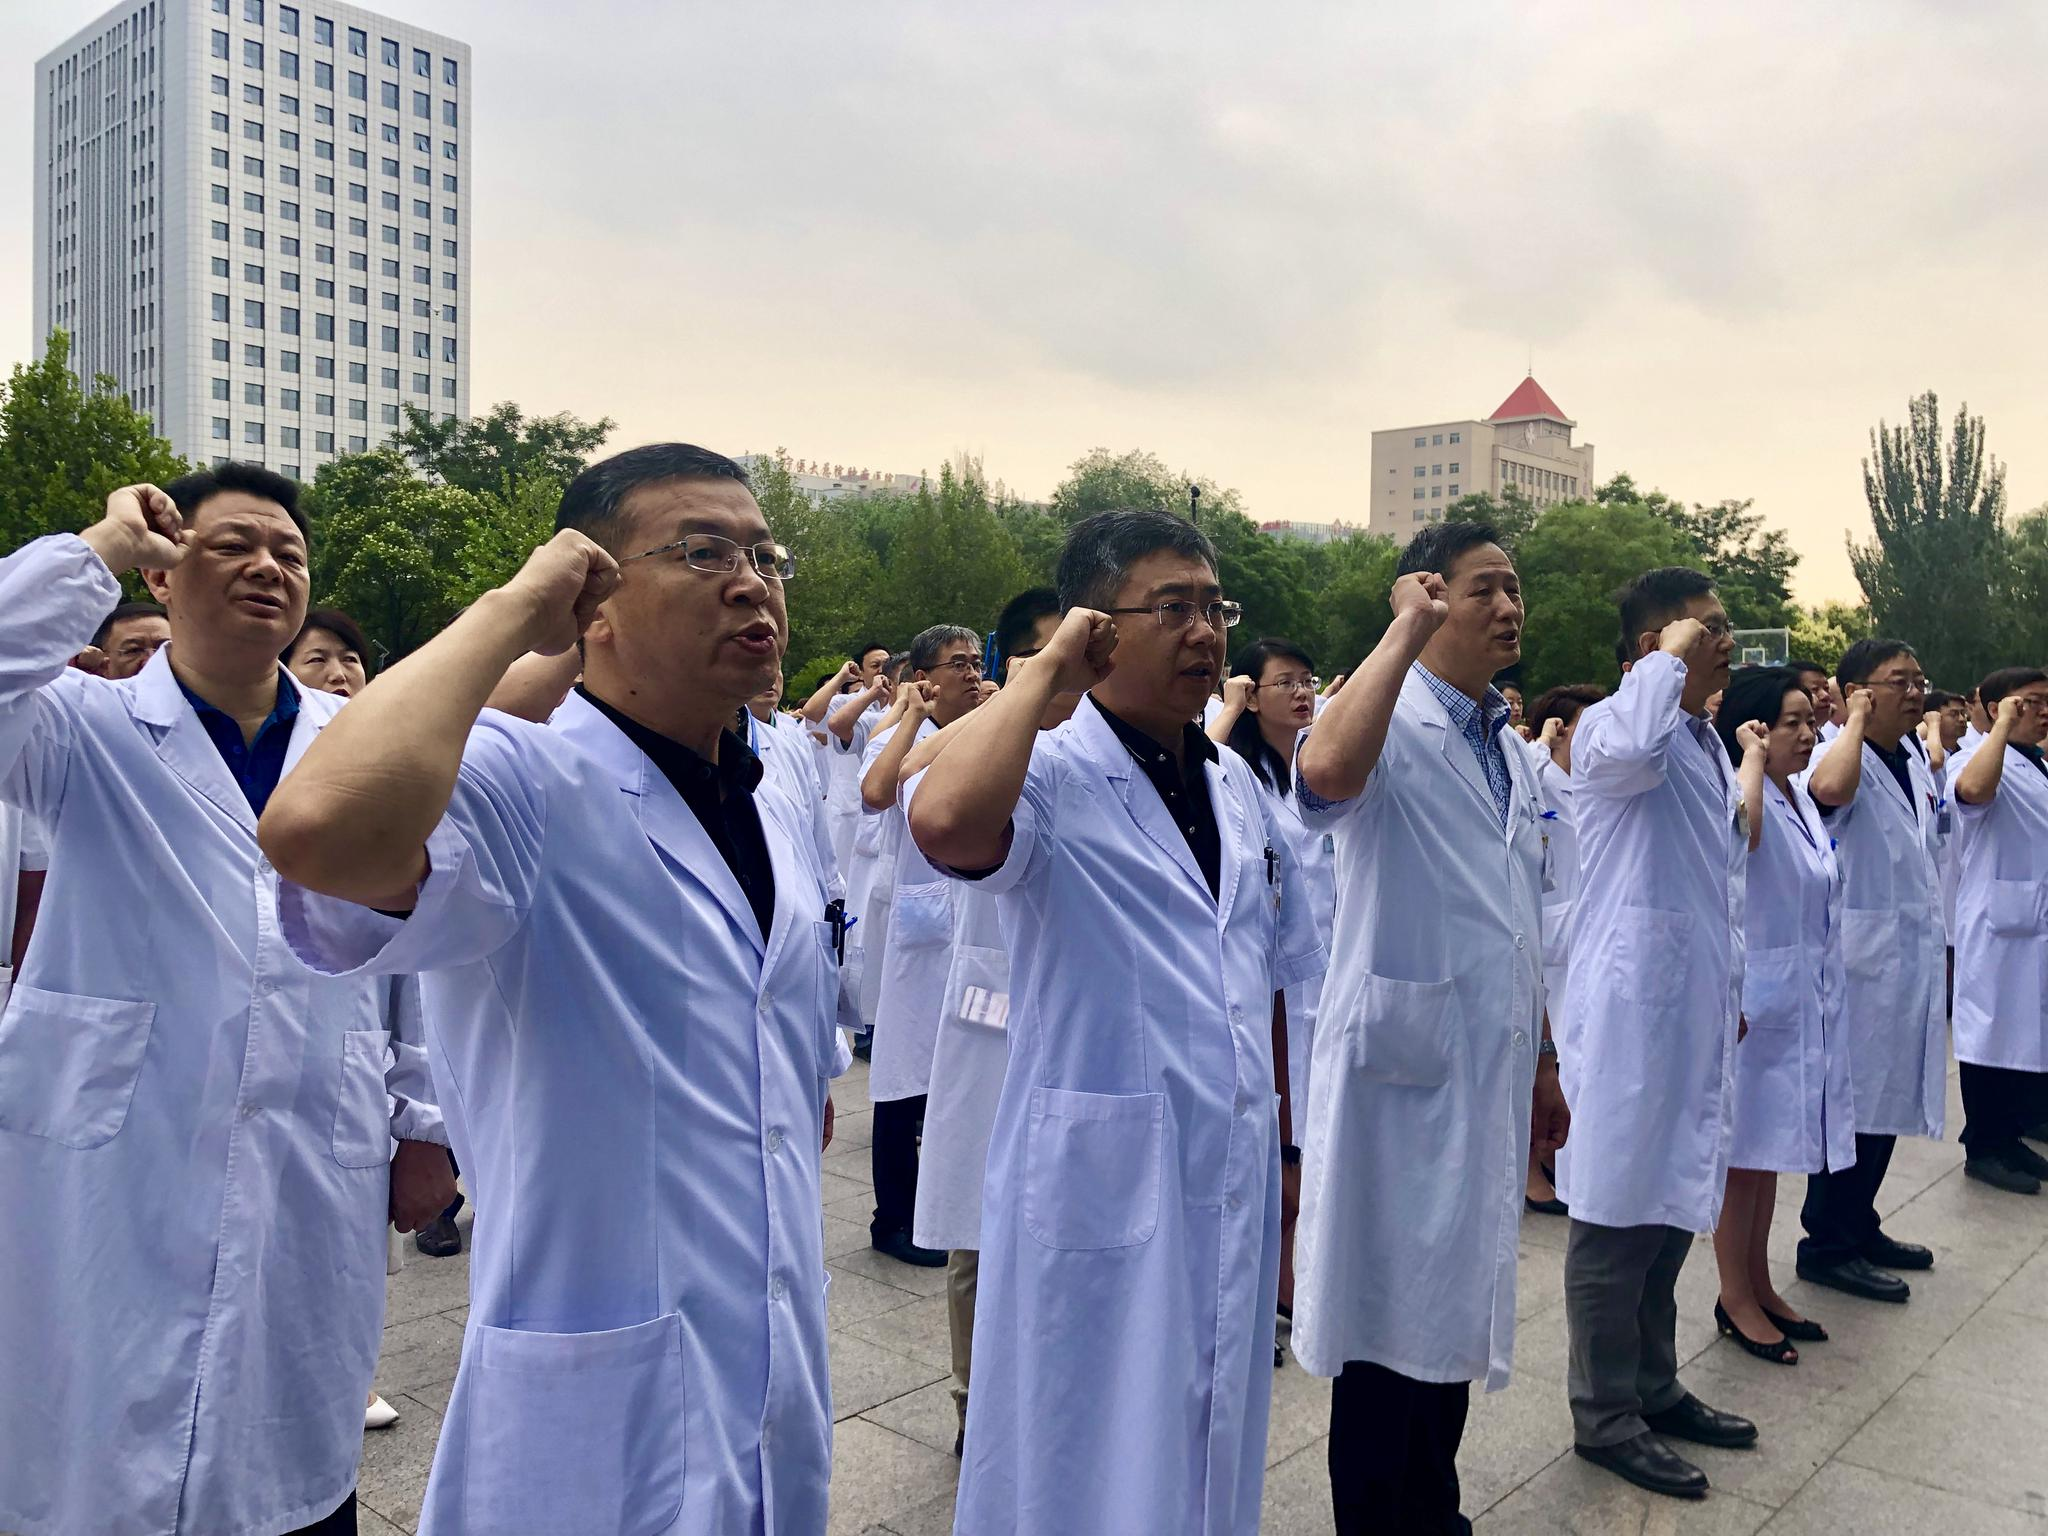 宁夏医科大学总医院300名医师庄严宣誓